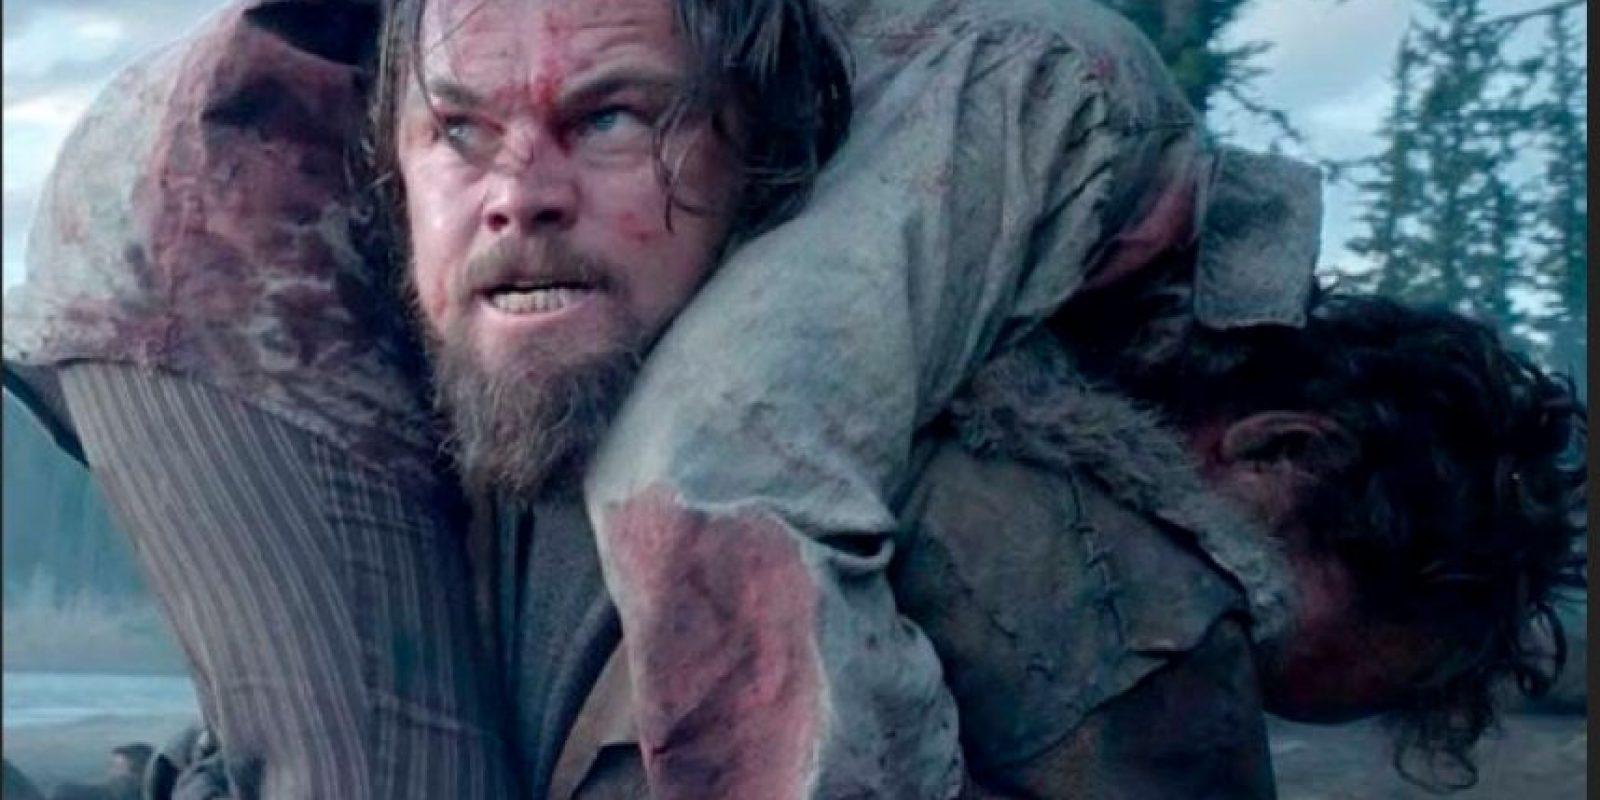 Leonardo Wilhelm DiCaprio (Los Ángeles, California; 11 de noviembre de 1974) es un actor y productor de cine estadounidense. Foto:Internet